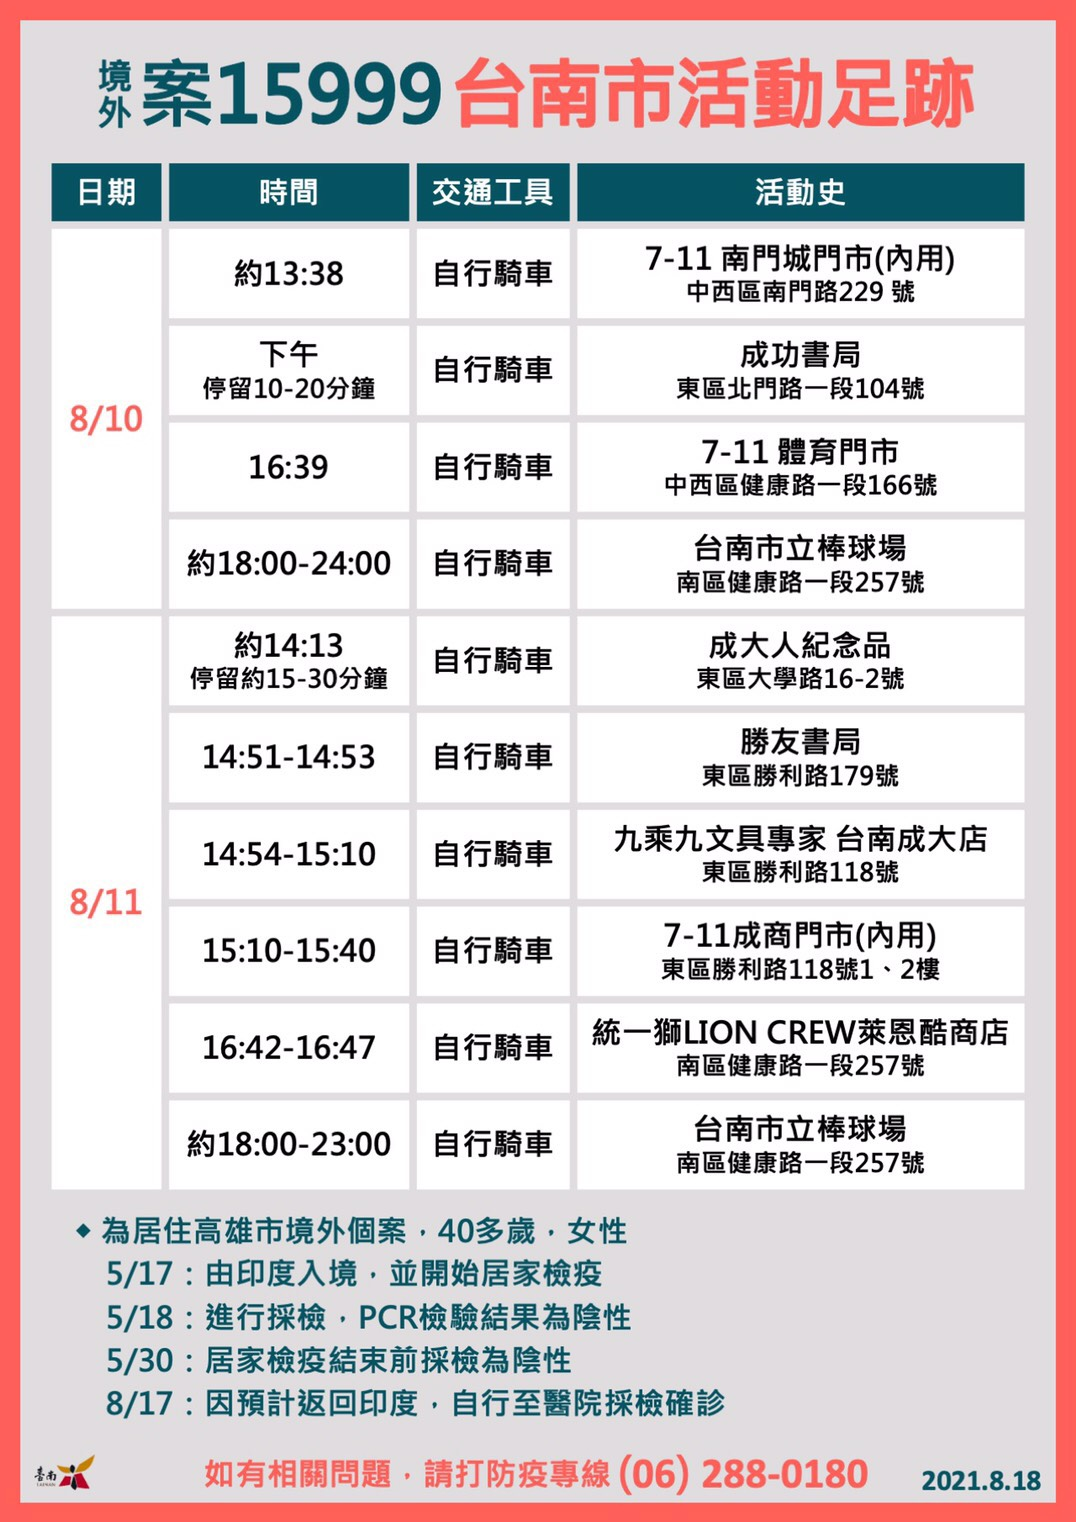 1100818境外案15999台南市活動足跡